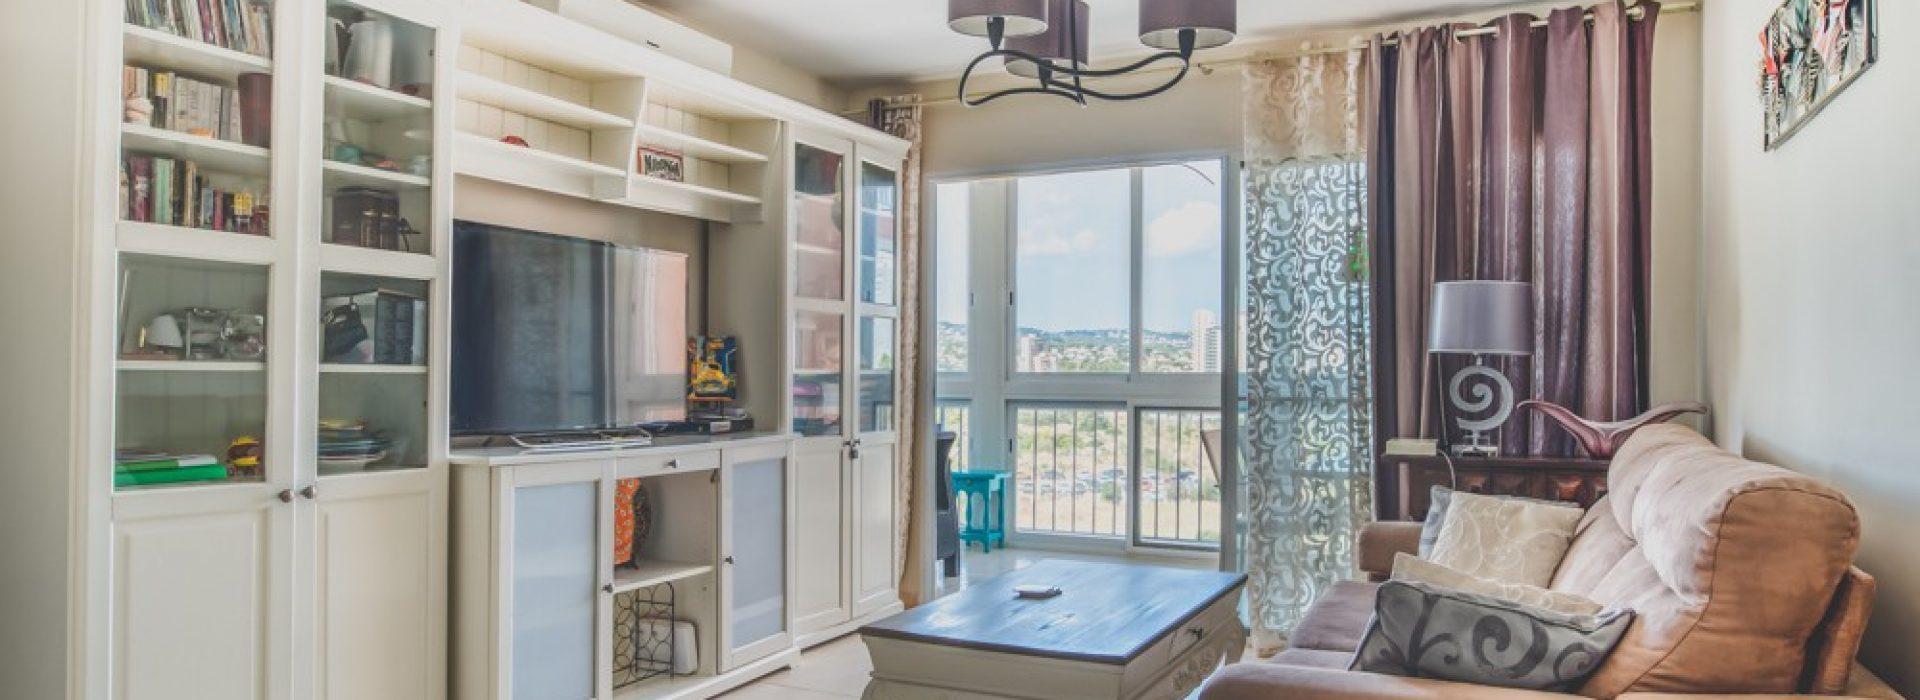 piekny-apartament-z-widokiem-na-jezioro-i-morze-w-calpe-4-24139